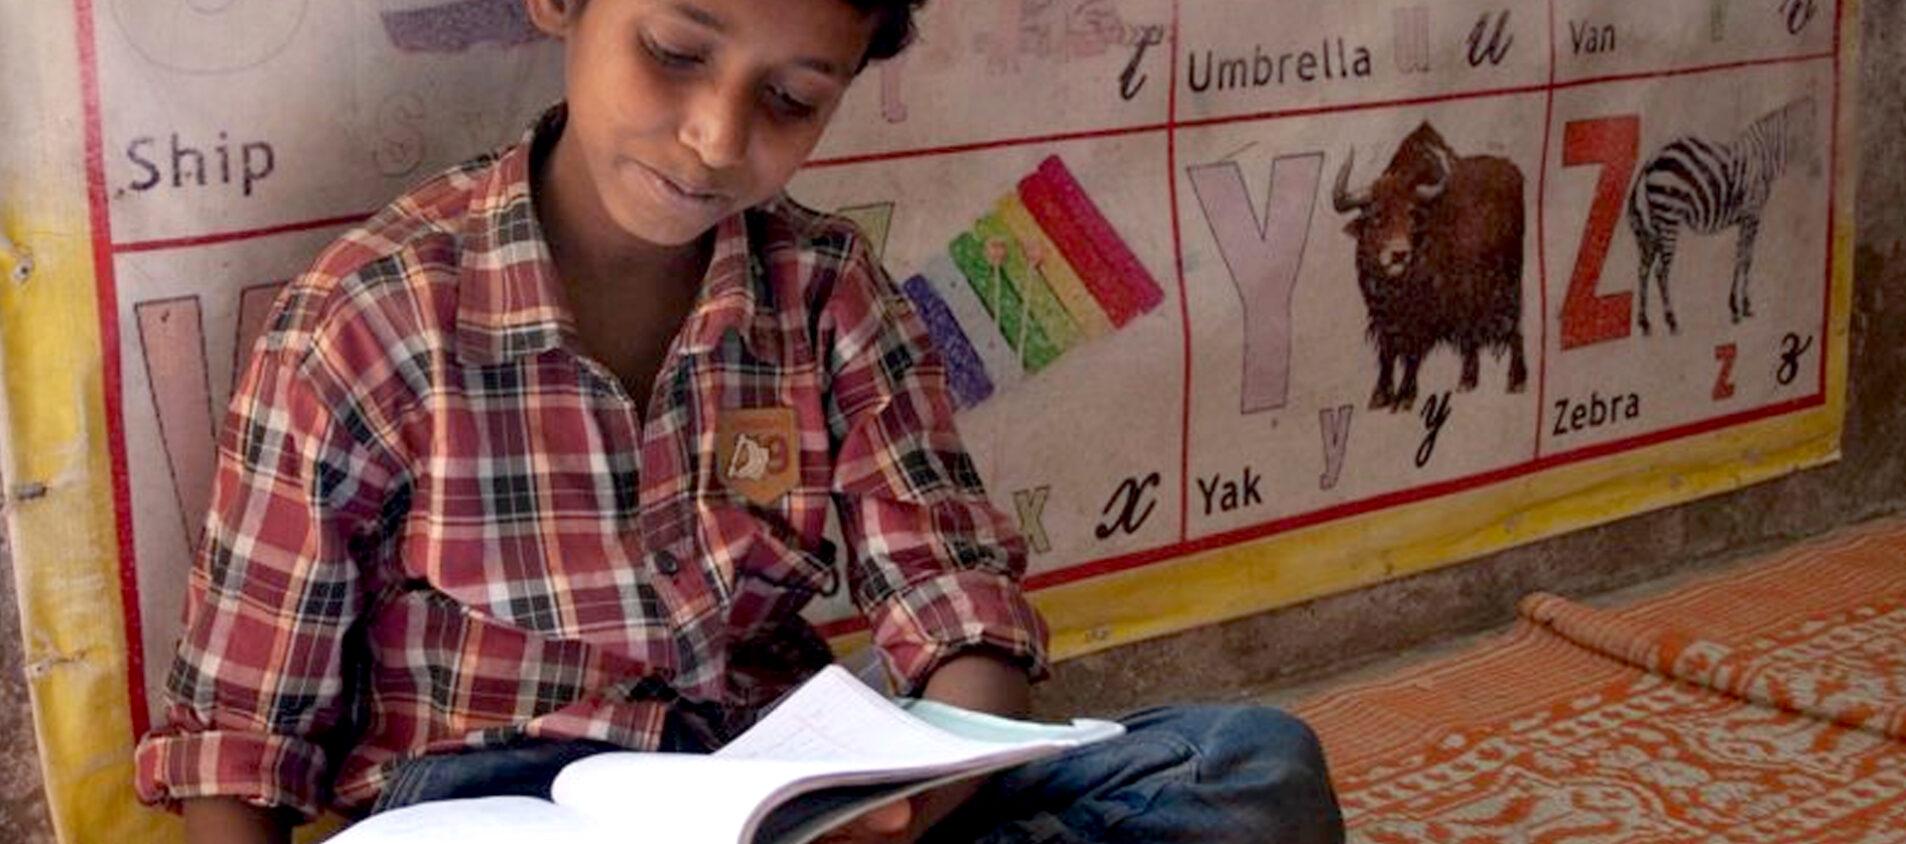 Sakir lär sig mycket både i skolan och på fritids. Han får ofta hjälpt med läxorna av sin mamma och pappa.